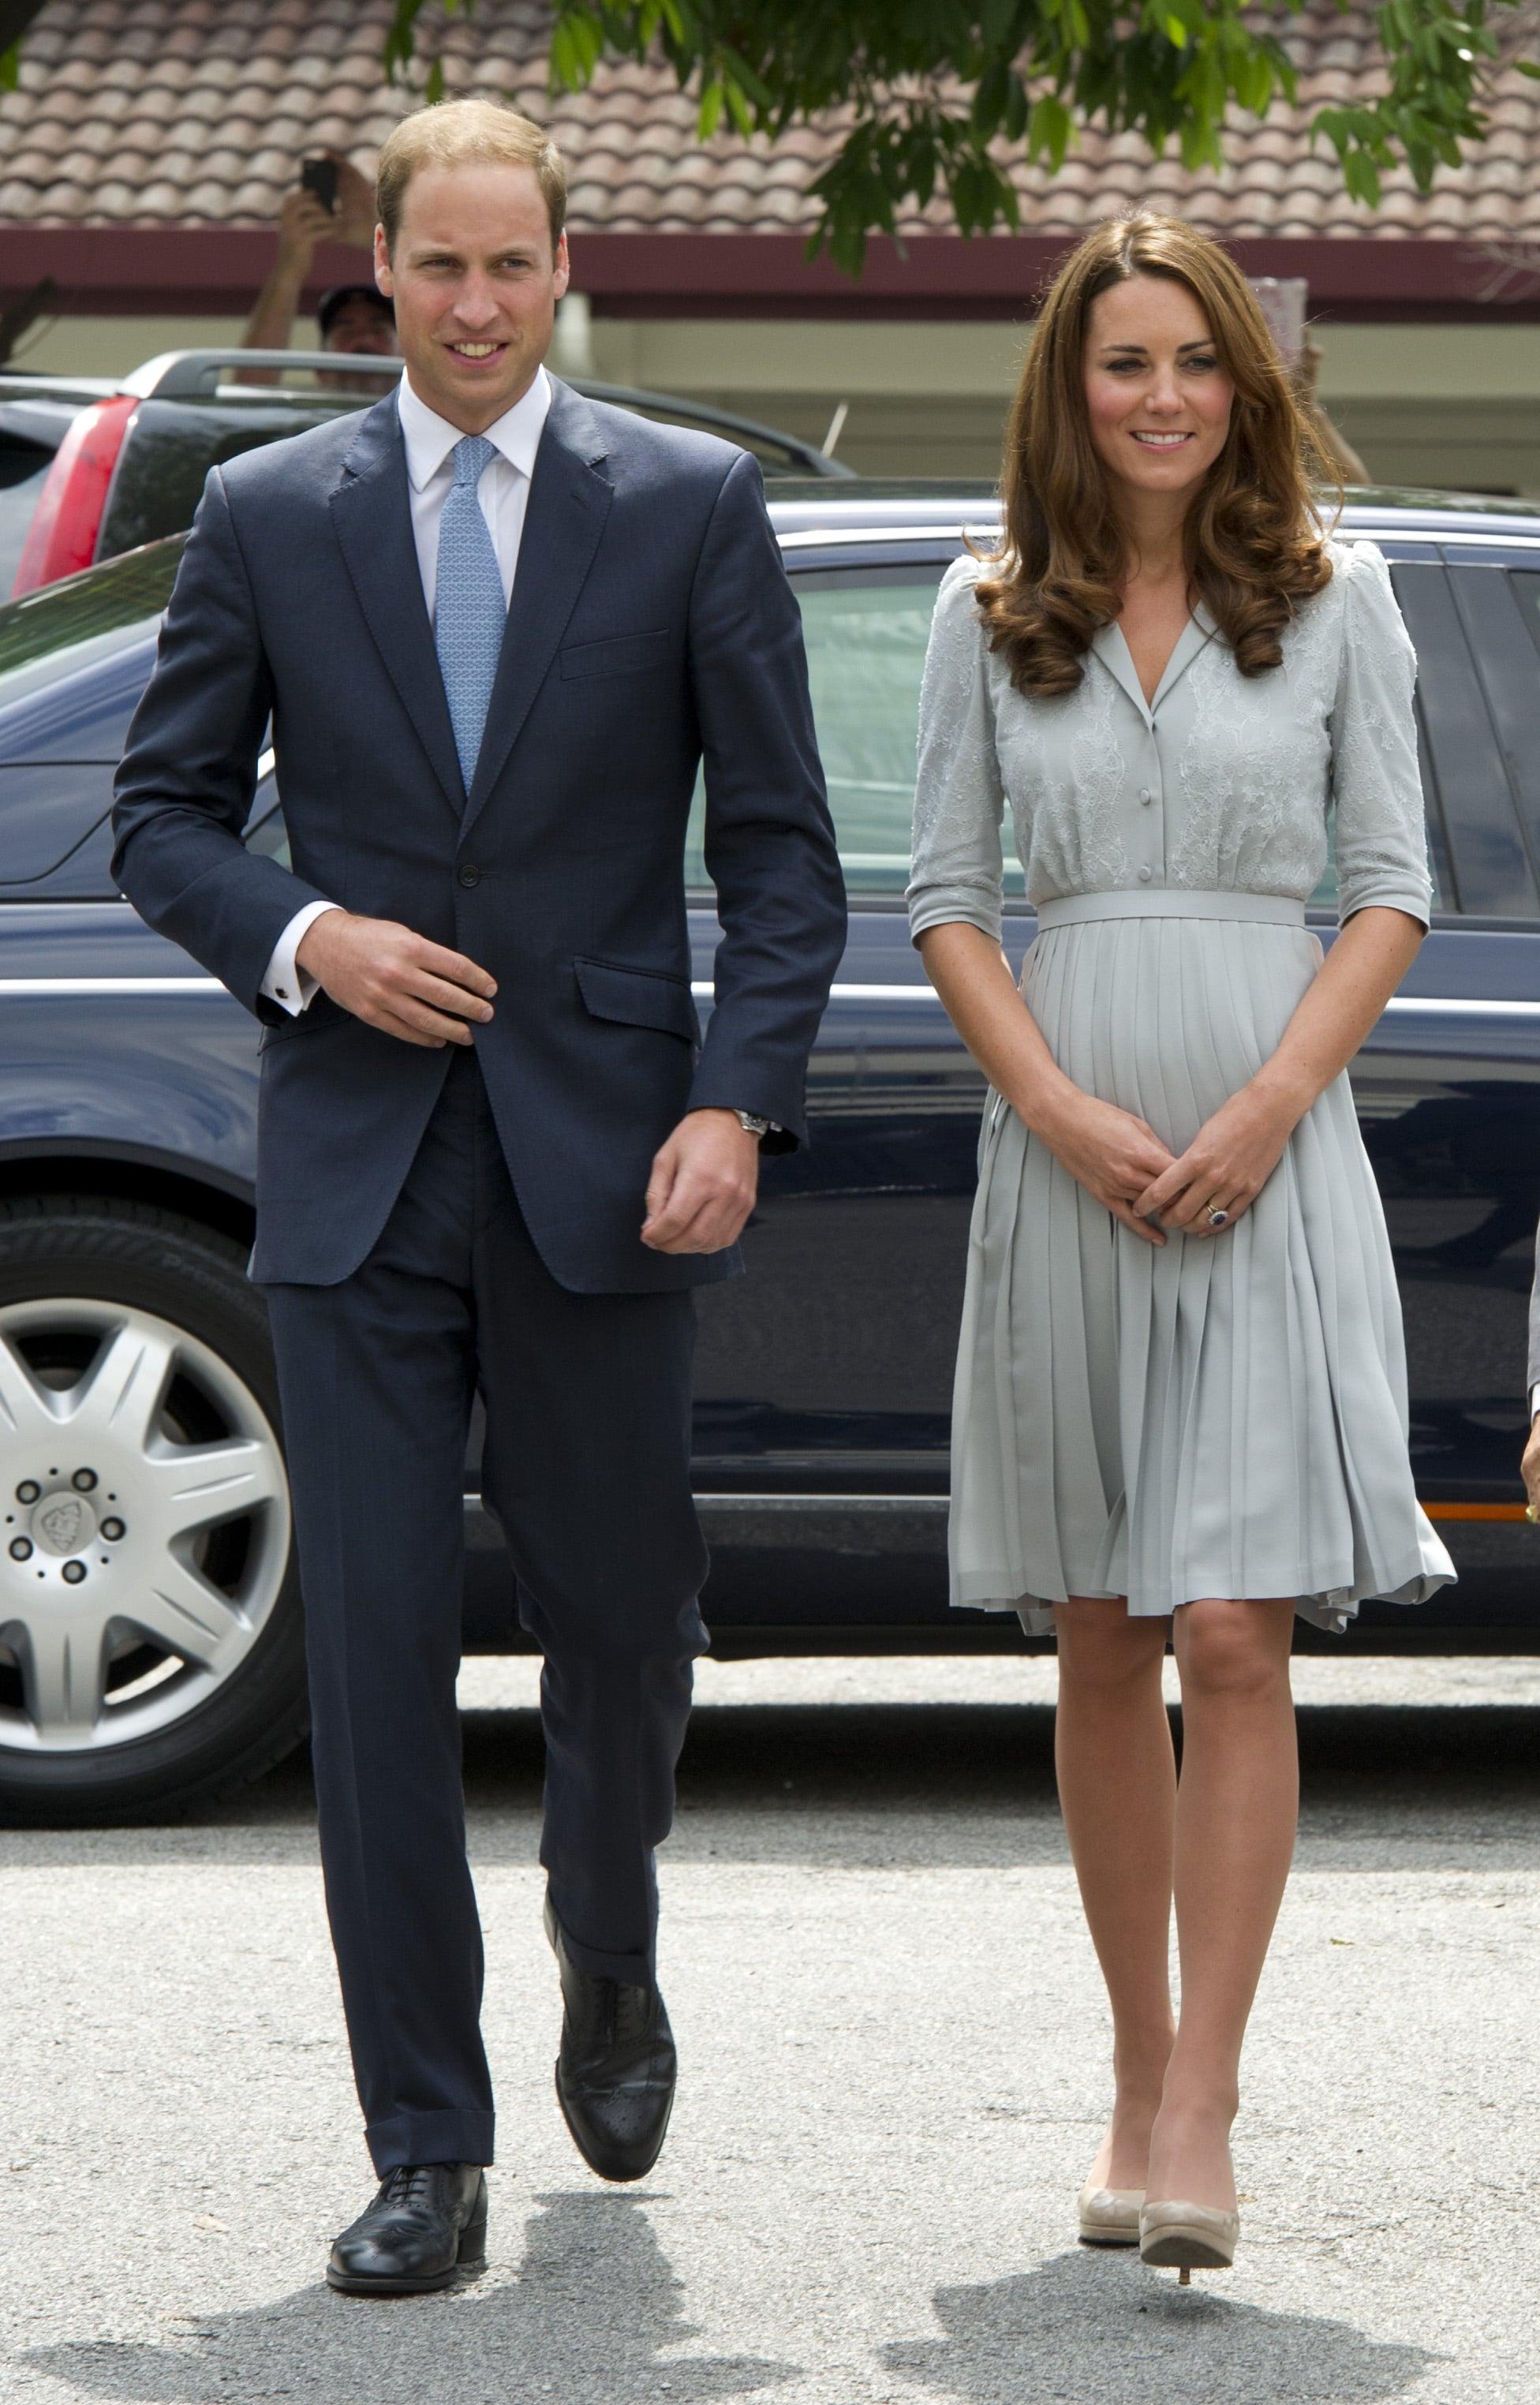 The Royal Couple in Kuala Lumpur